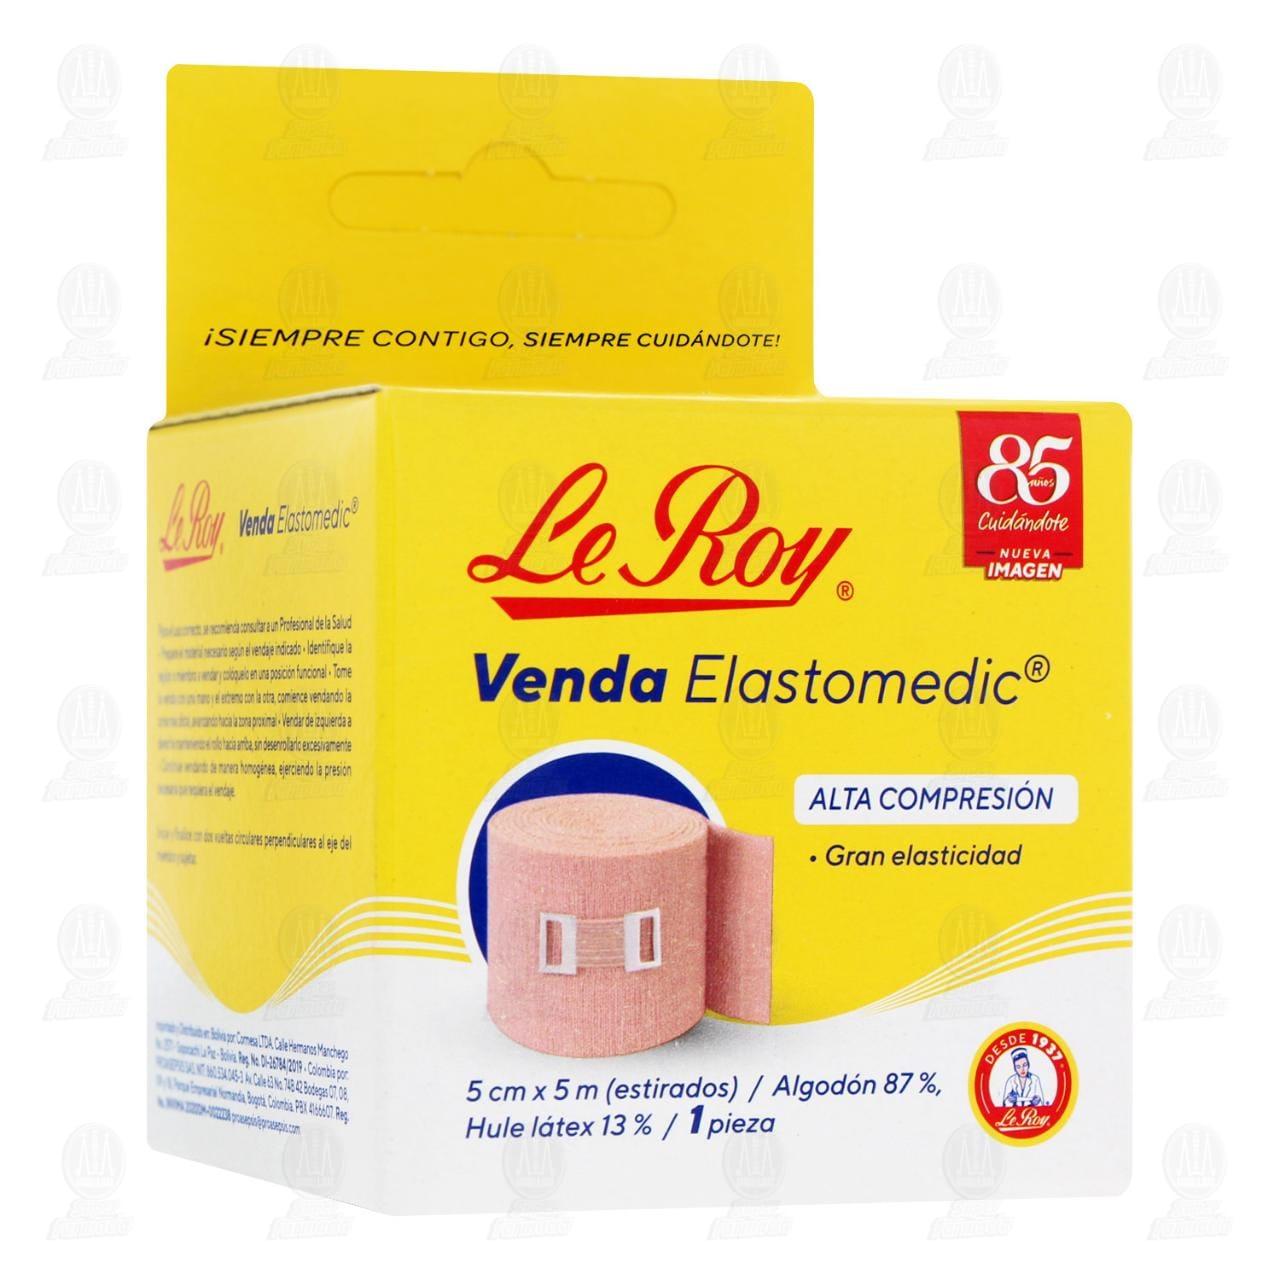 Comprar Venda Le Roy Elastomedic 5cm x 5m Estirada en Farmacias Guadalajara